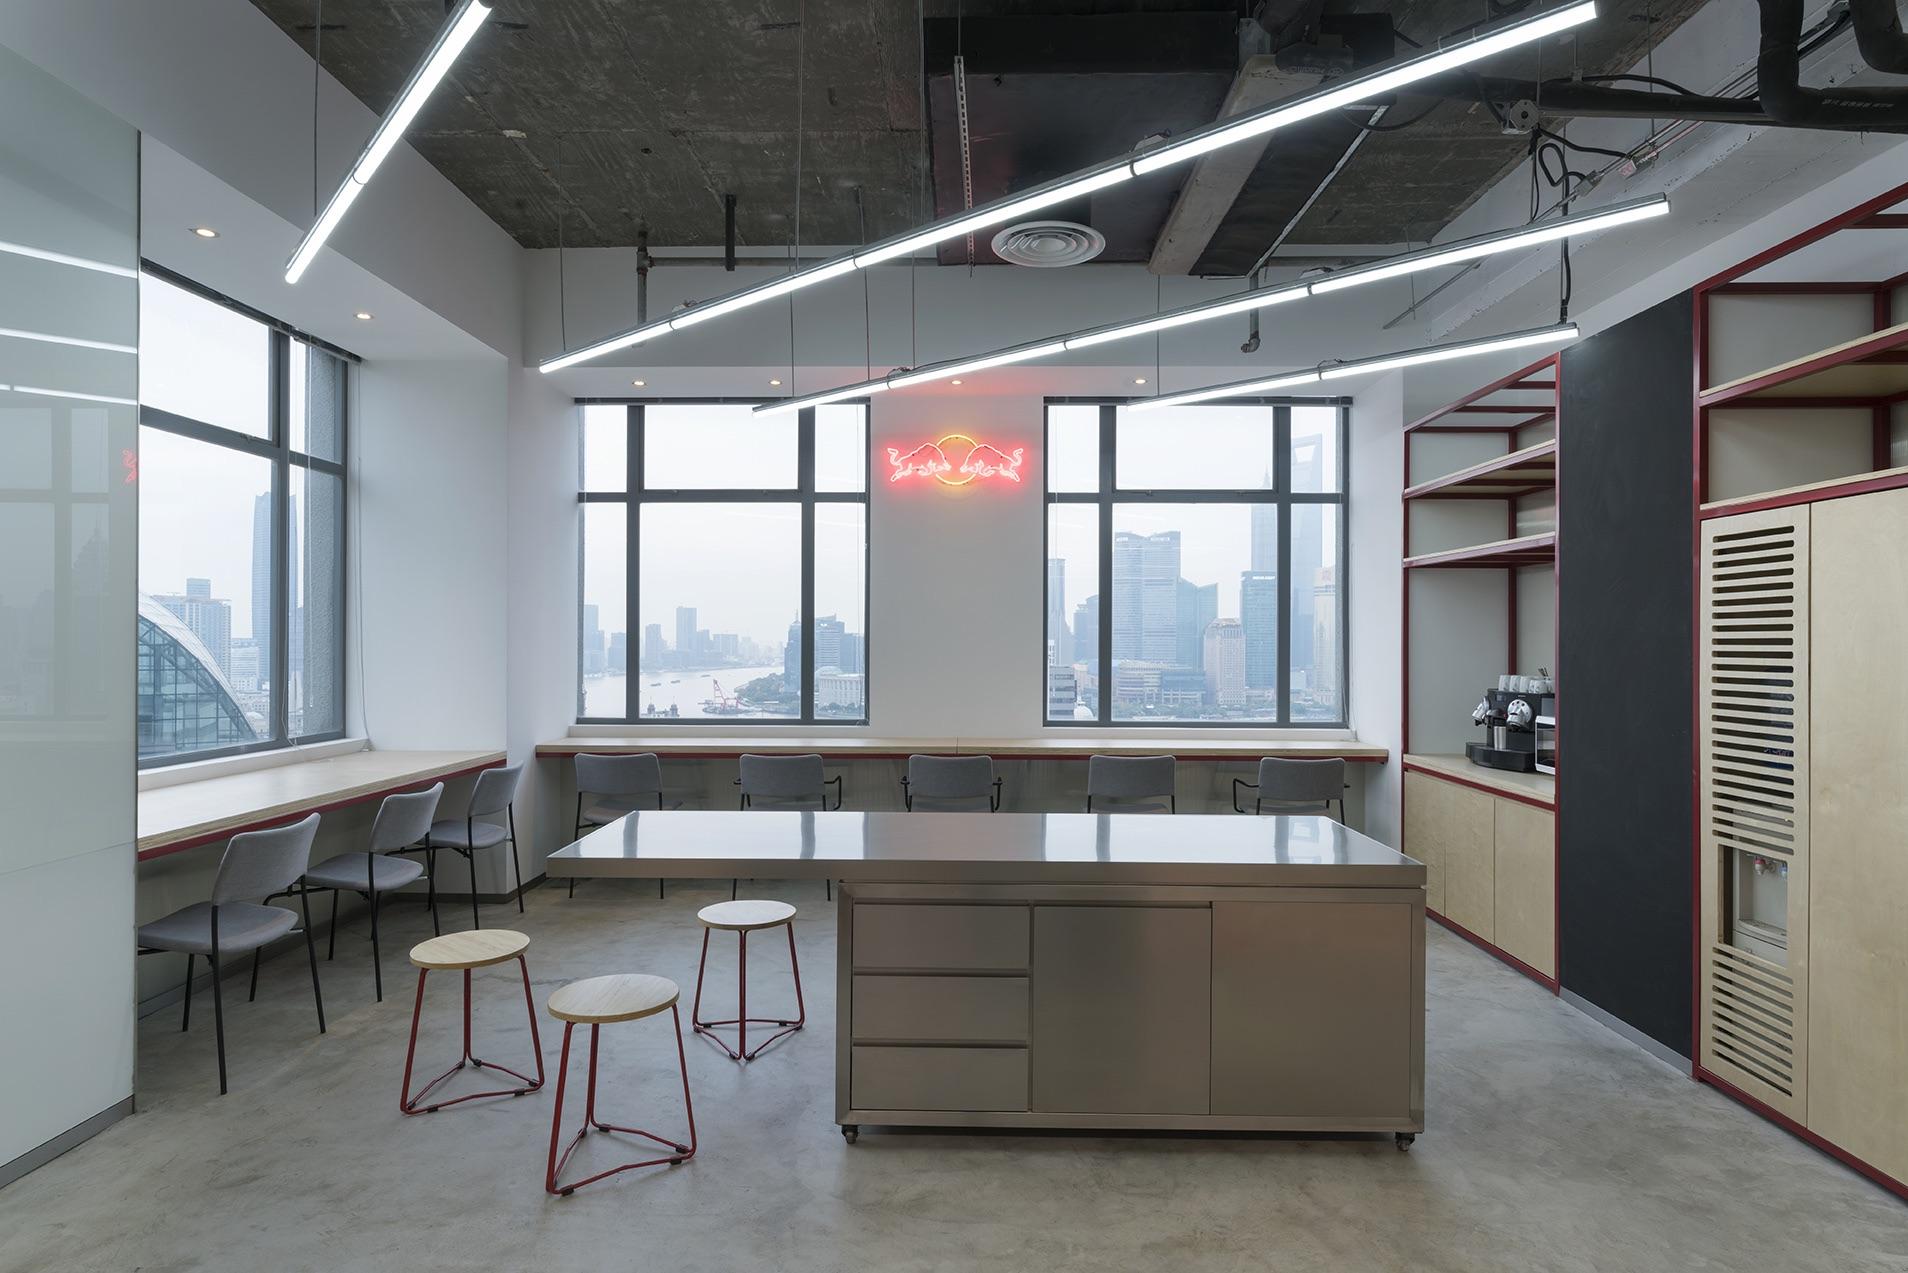 redbull-shanghai-office-5